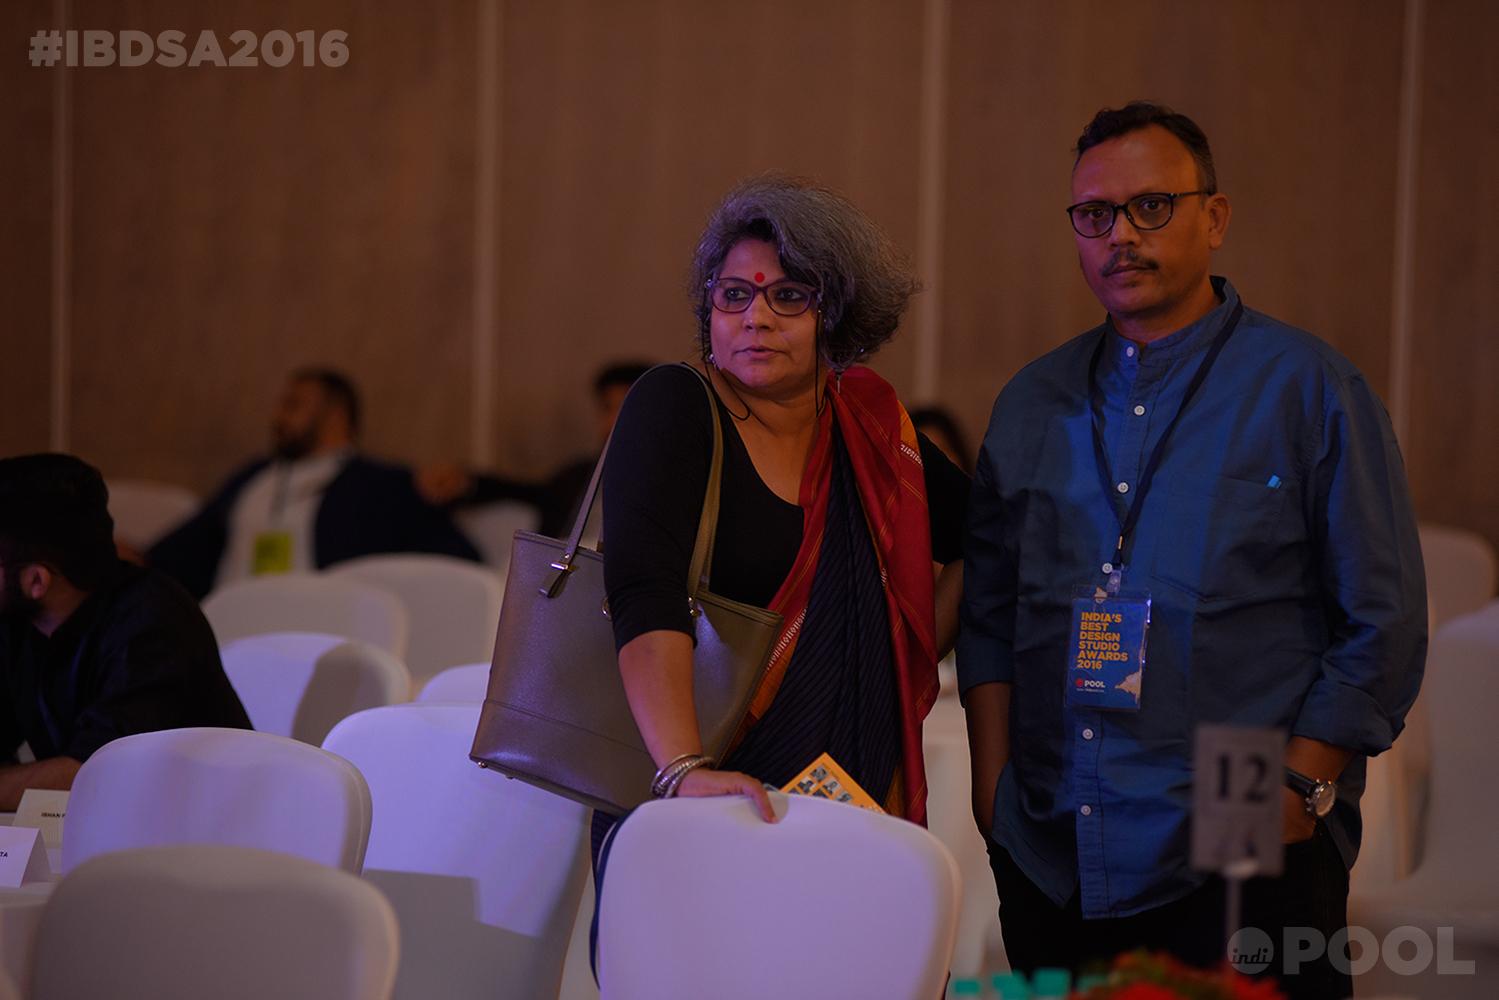 Anuj Prasad and Sandhya Raman